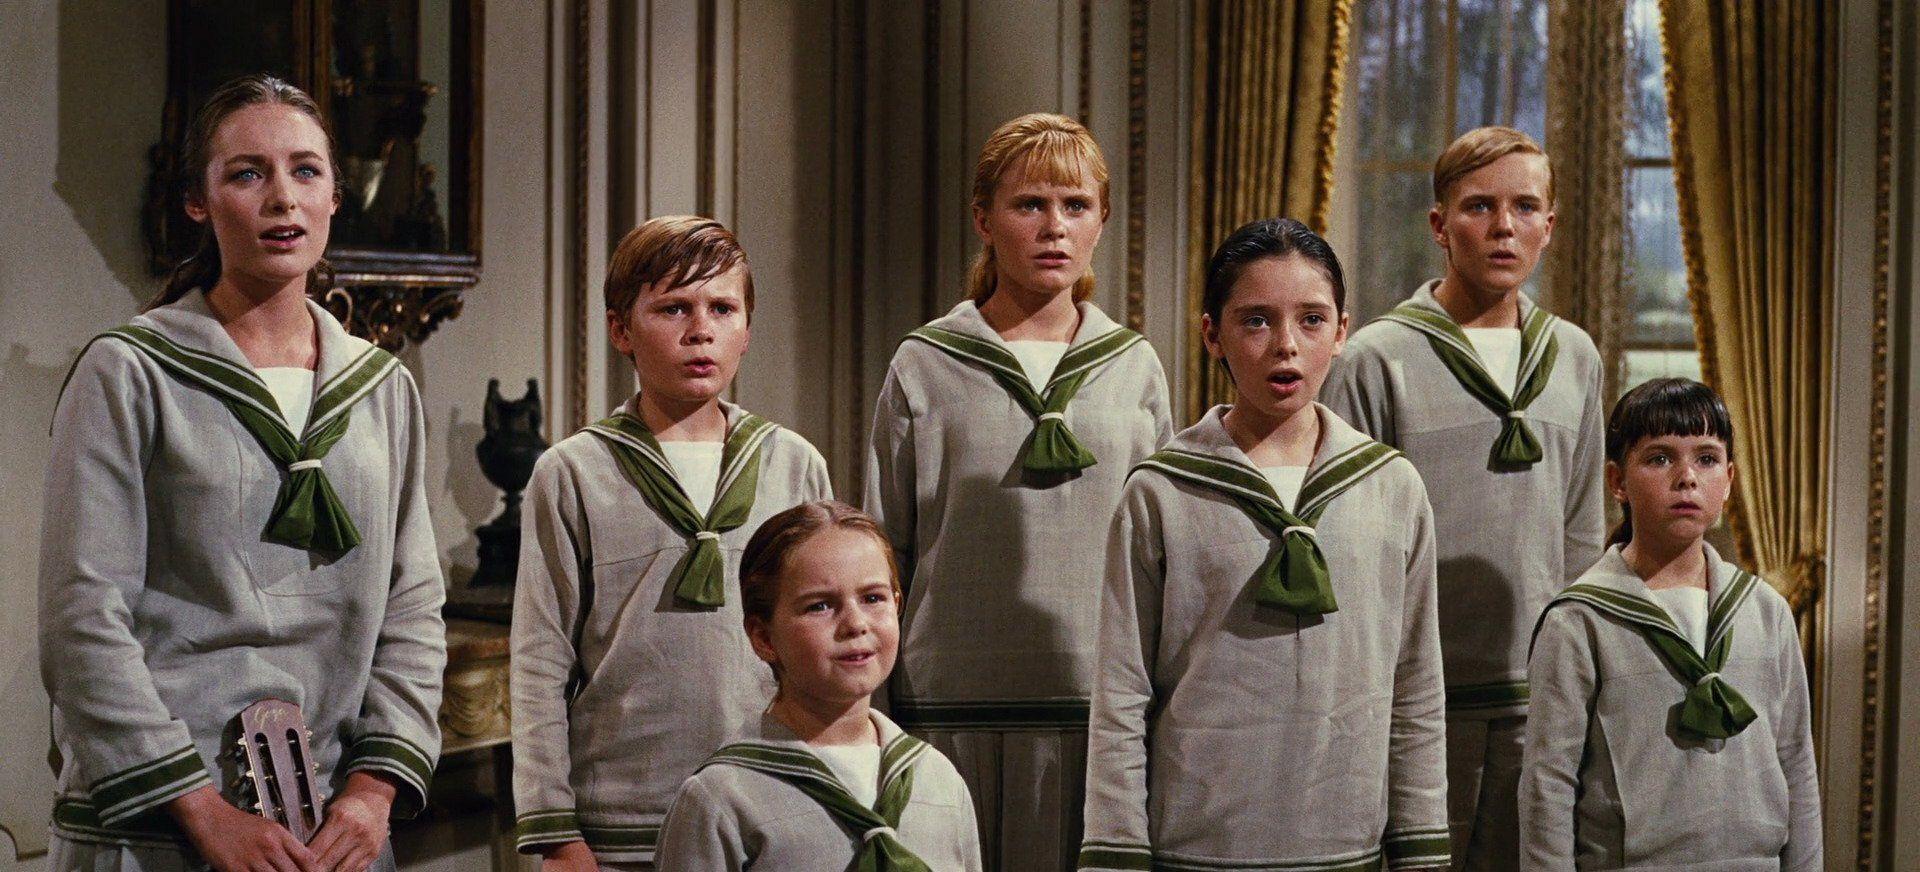 von-trapp-children-from-the-movie